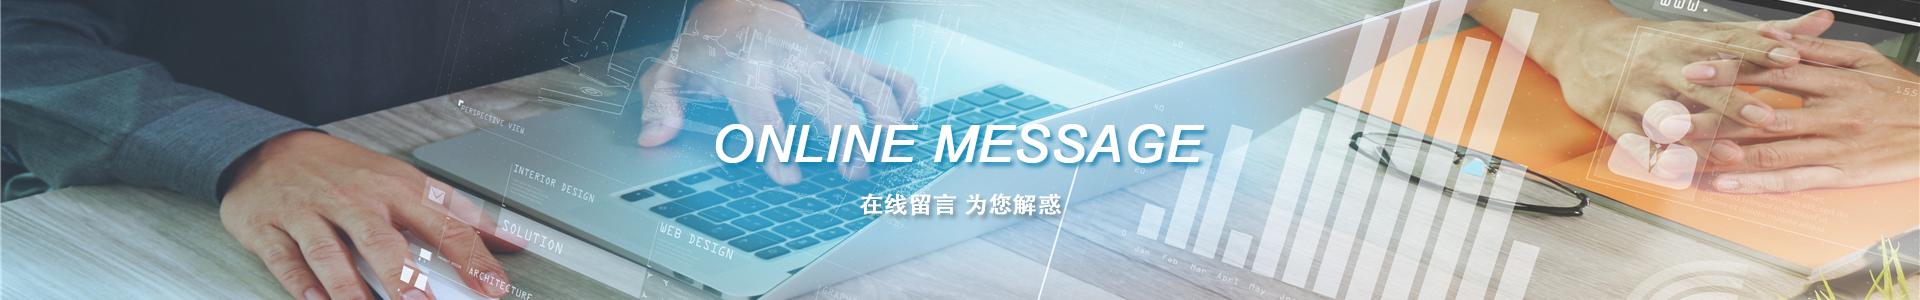 http://www.jshxbwg.com/data/upload/202001/20200108213559_201.jpg